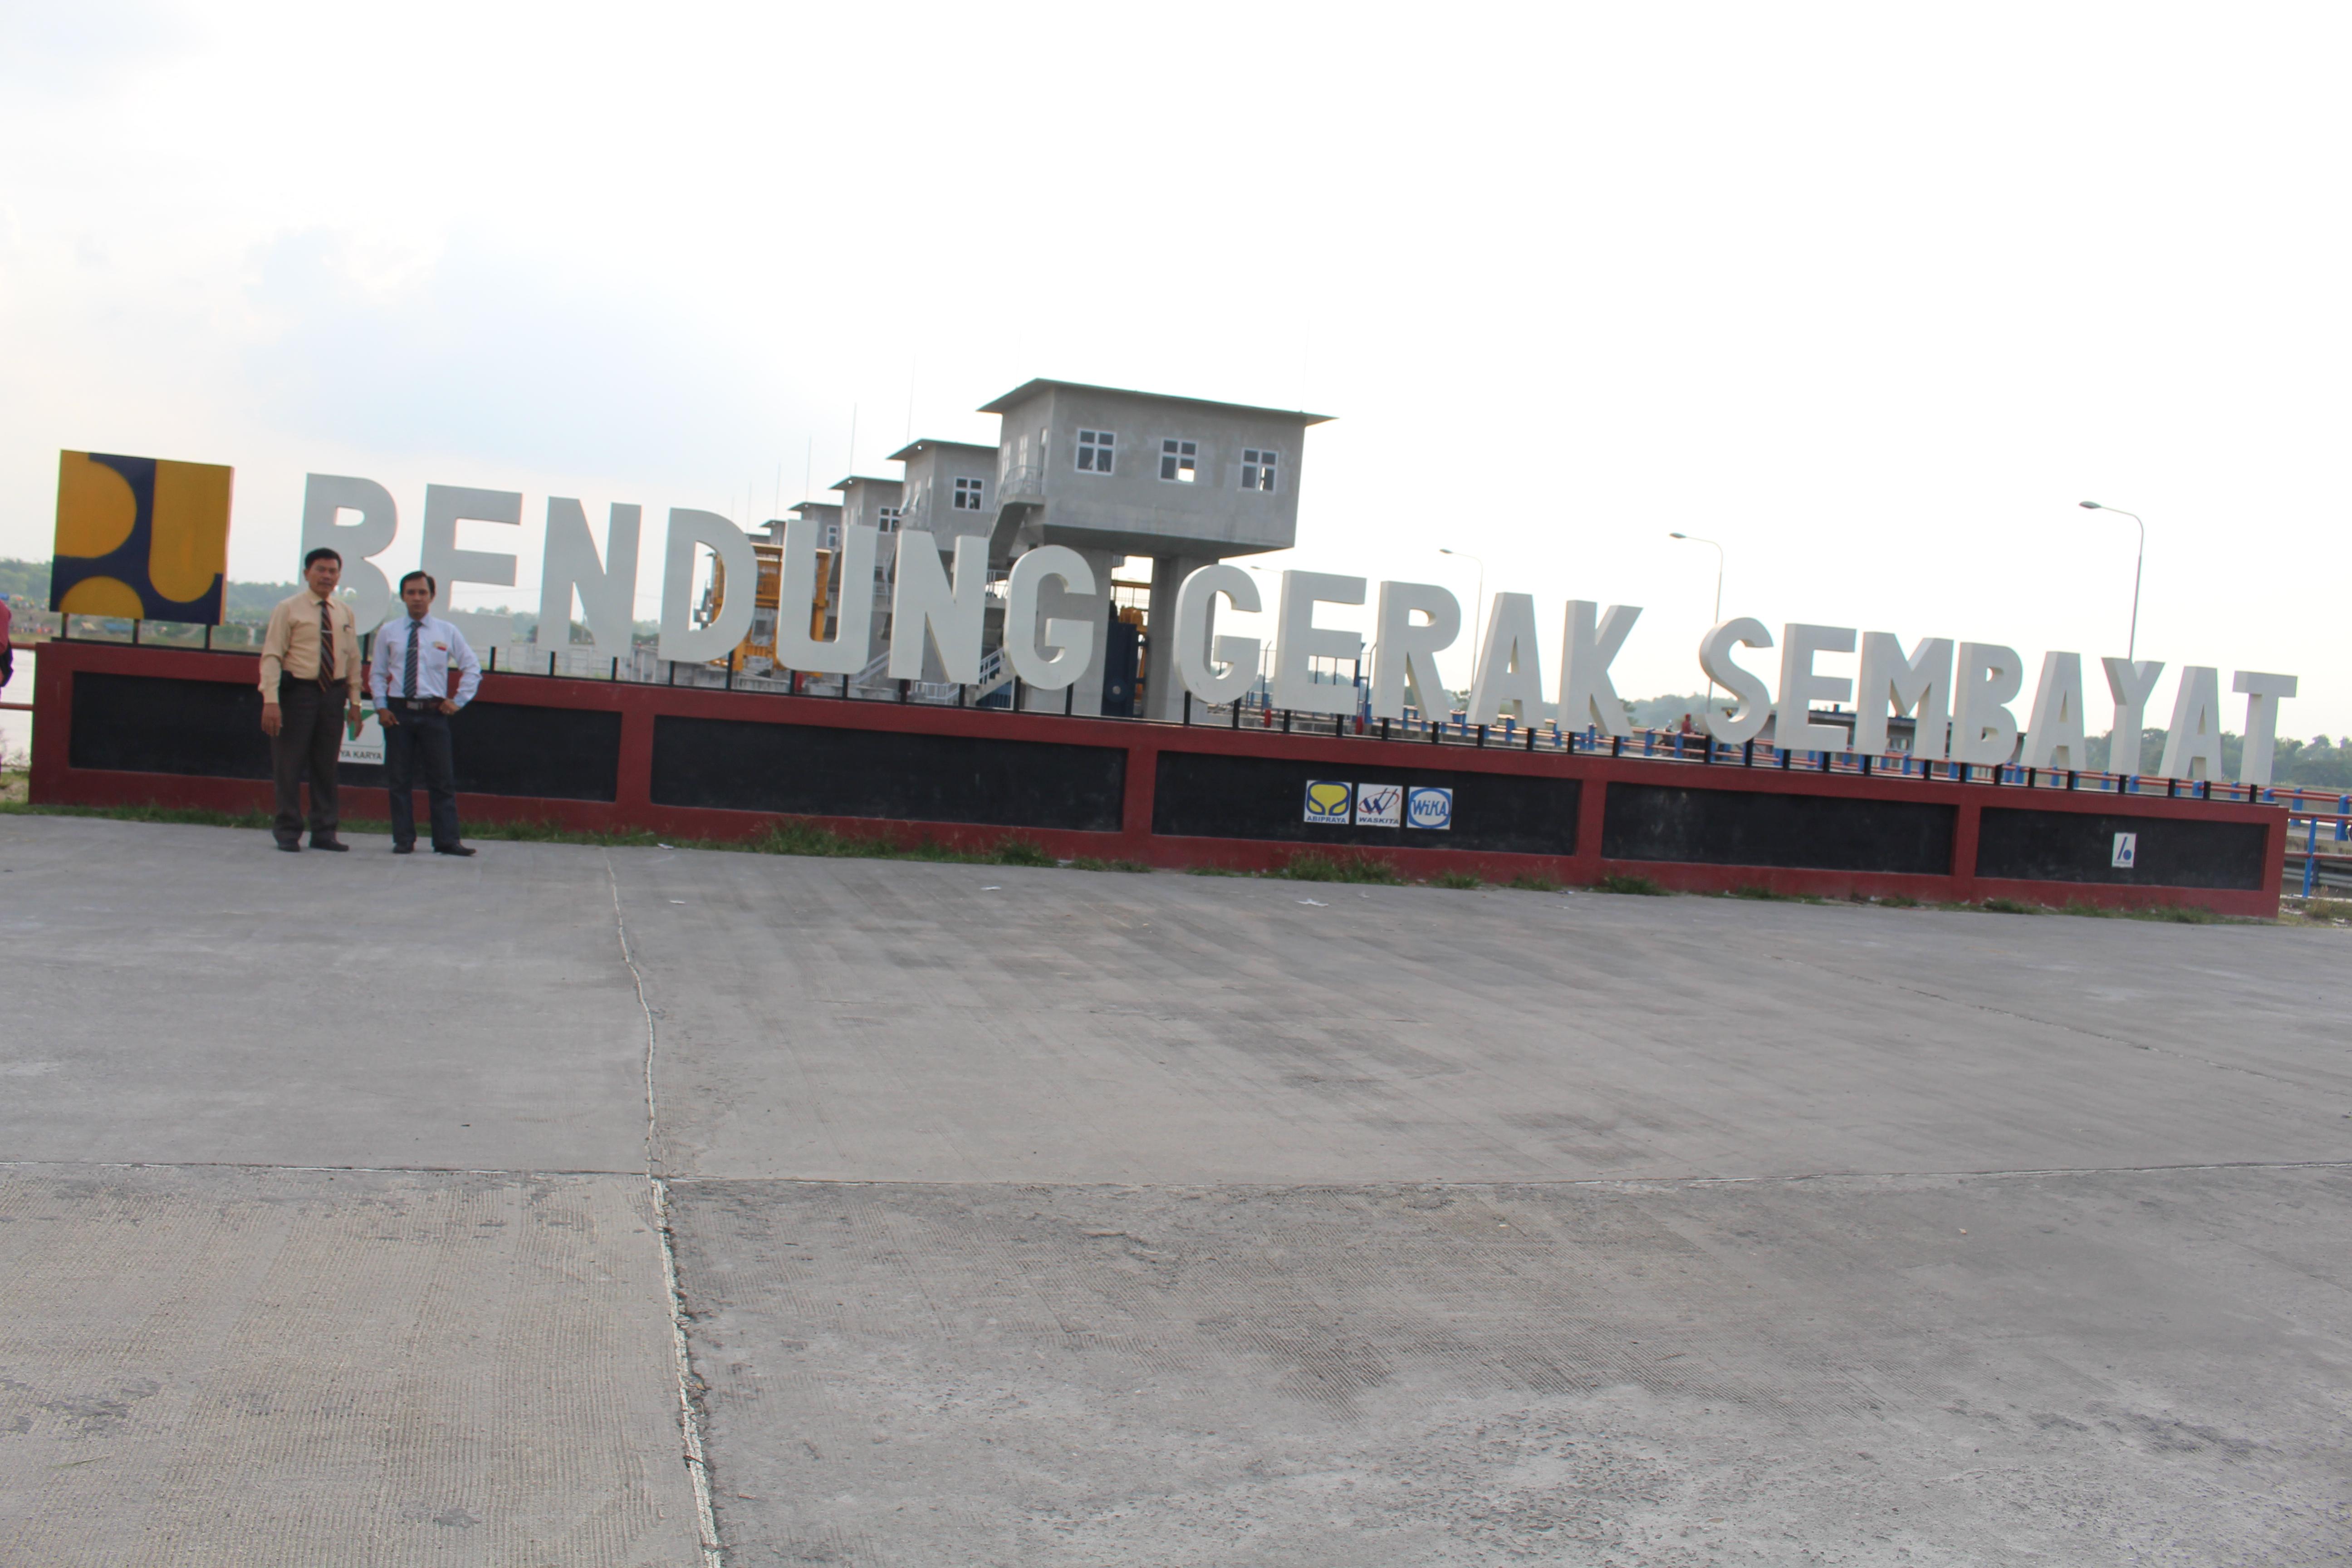 Korban Pembangunan Bendung Gerak Sembayat Tanahku Ambil Tapi Surabaya Warnakota